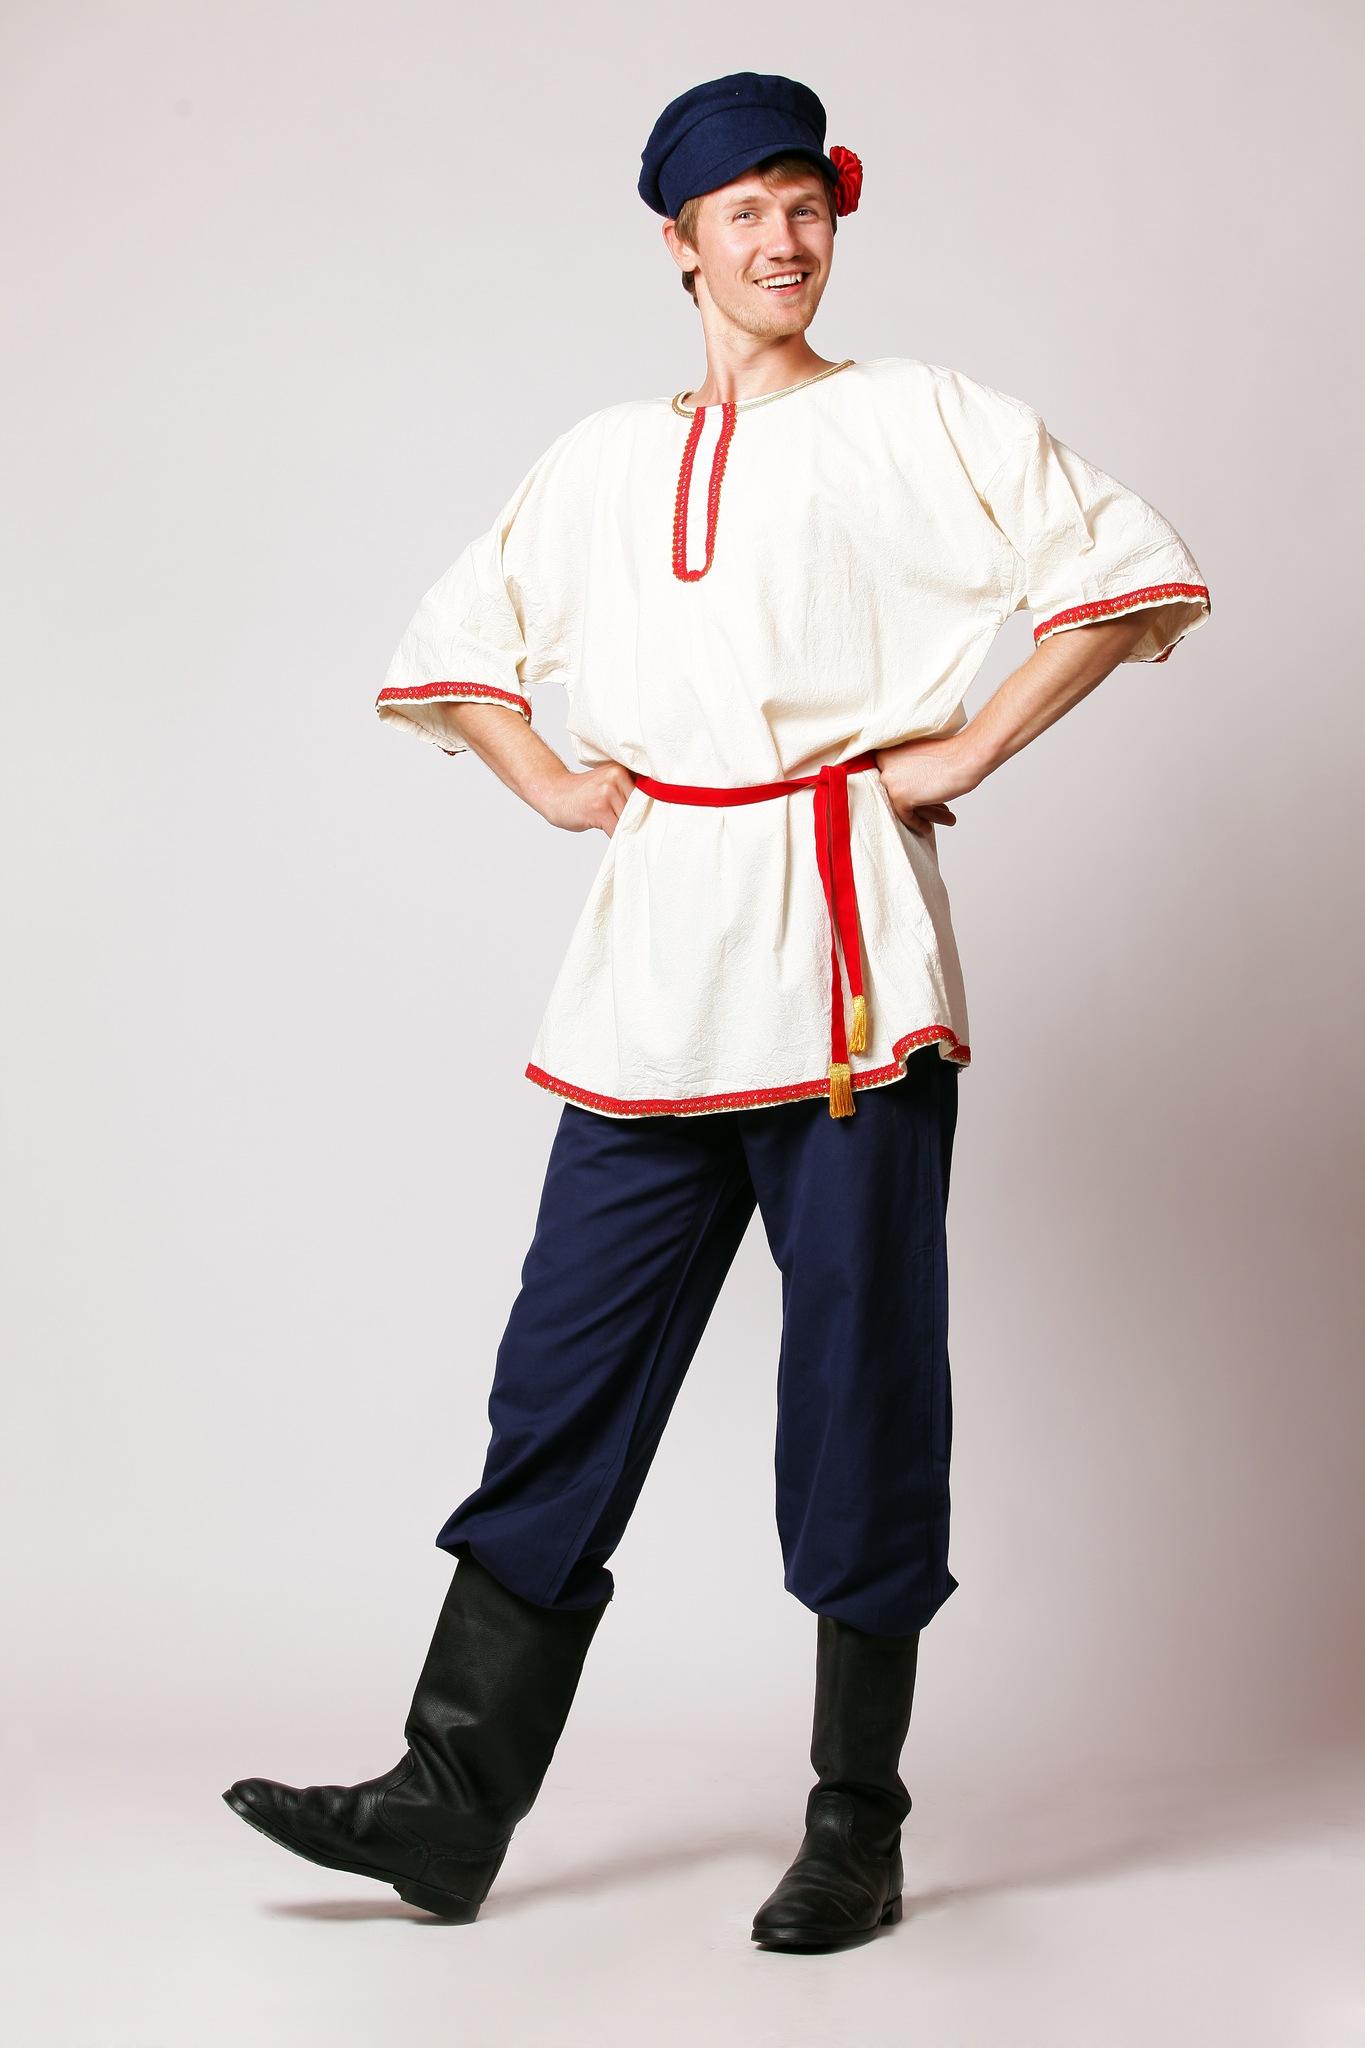 Рубаха и портки для русского мужчины